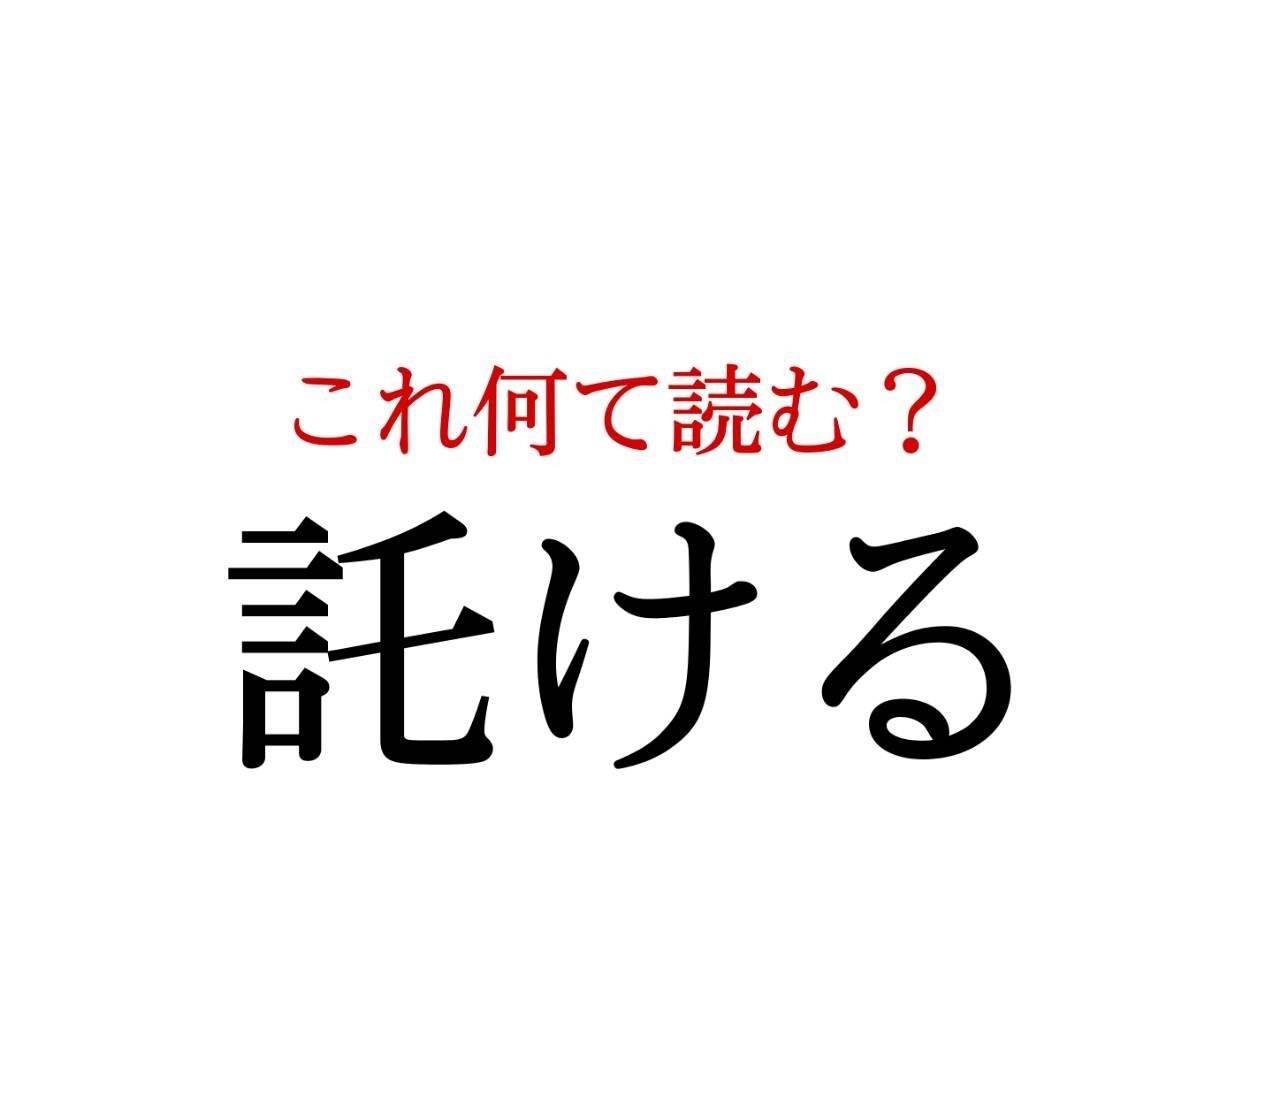 「託ける」:この漢字、自信を持って読めますか?【働く大人の漢字クイズvol.47】